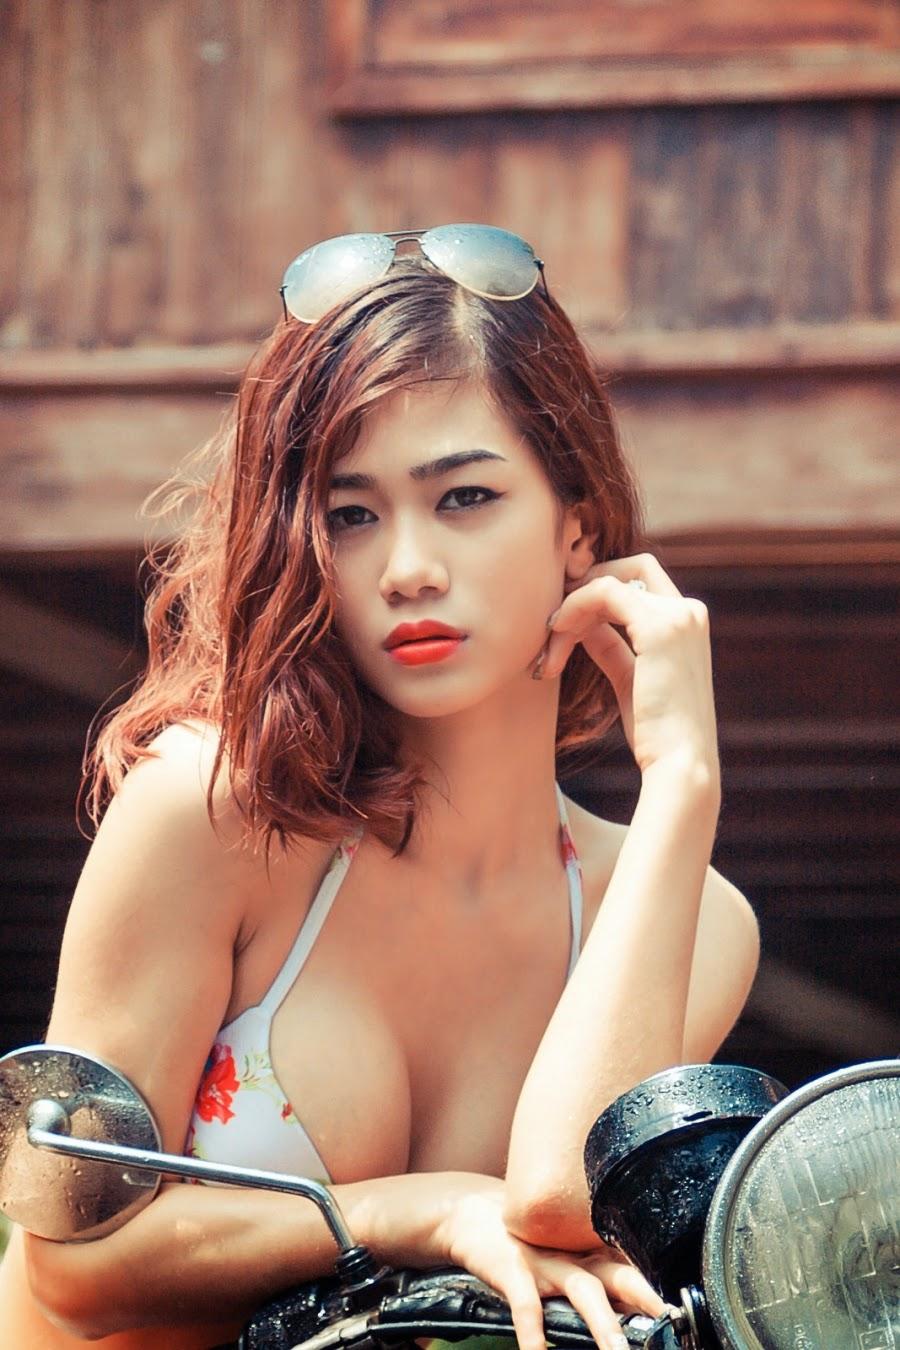 Người đẹp nóng bỏng rửa xe khoe vòng một